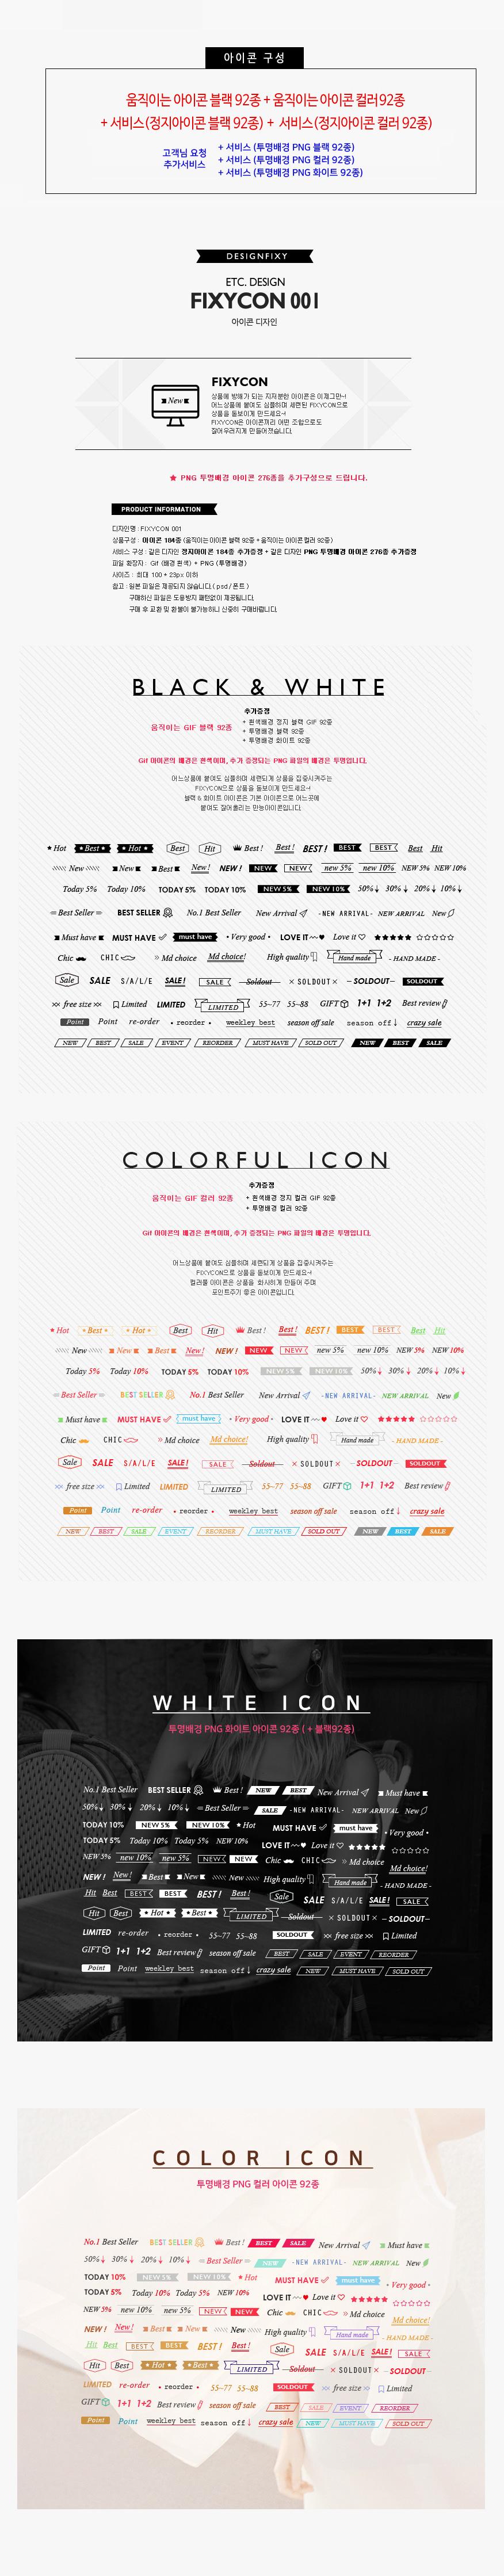 디자인픽시 아이콘 : FIXYCON 입니다